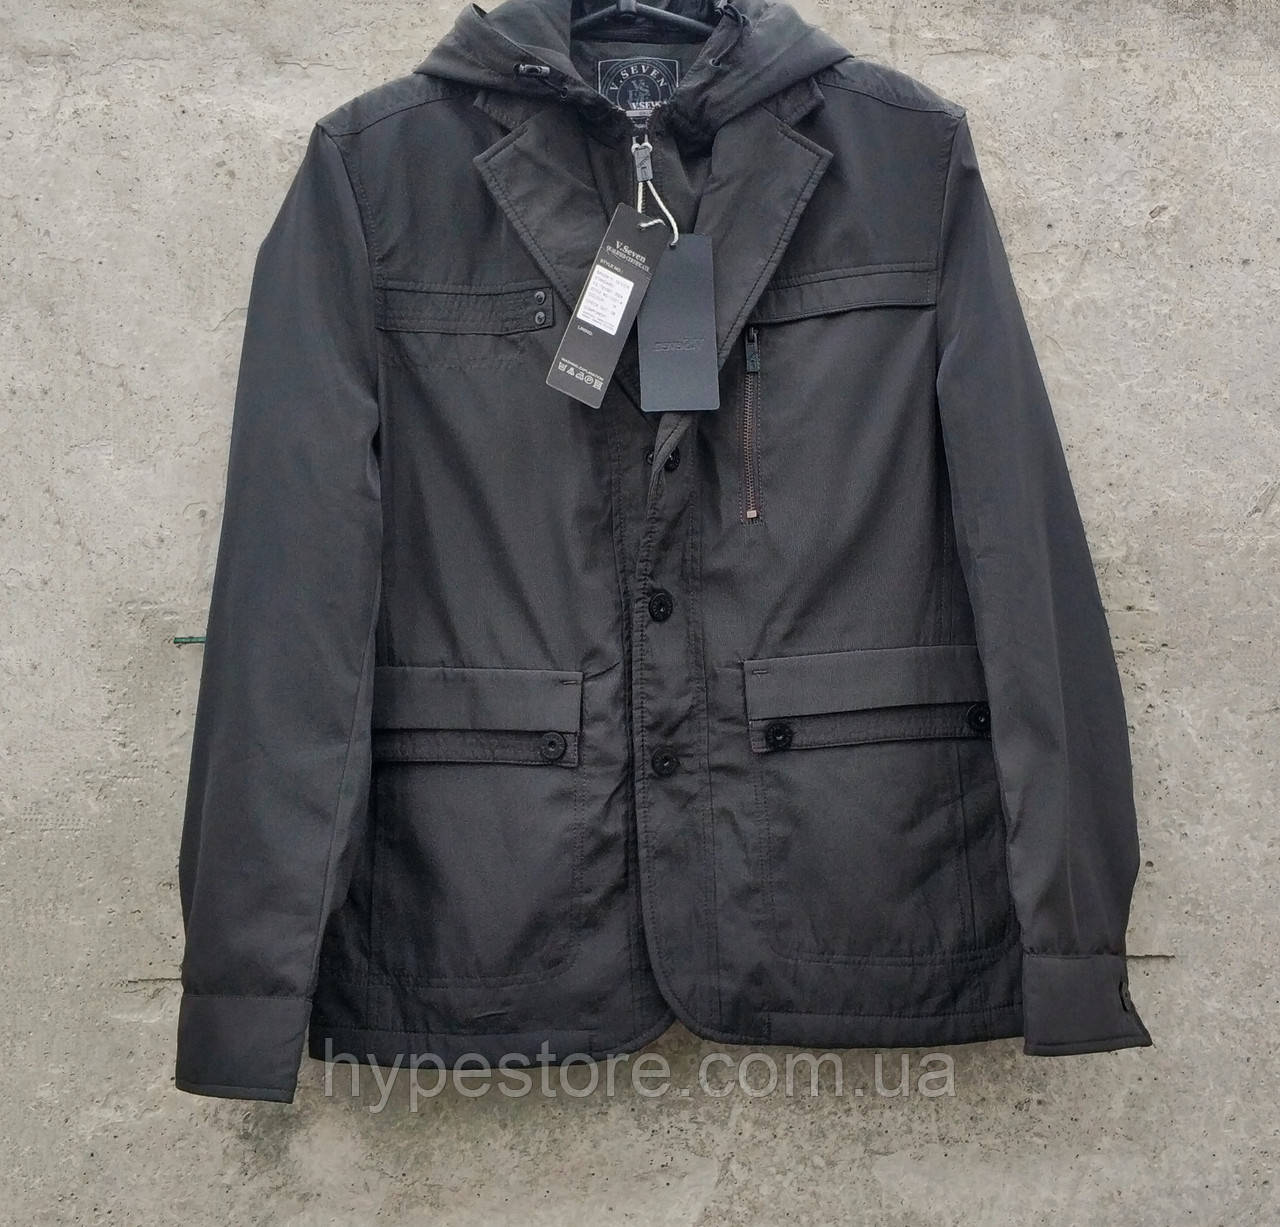 Куртка мужская отличного качества демисезонная, ветровка, р.46